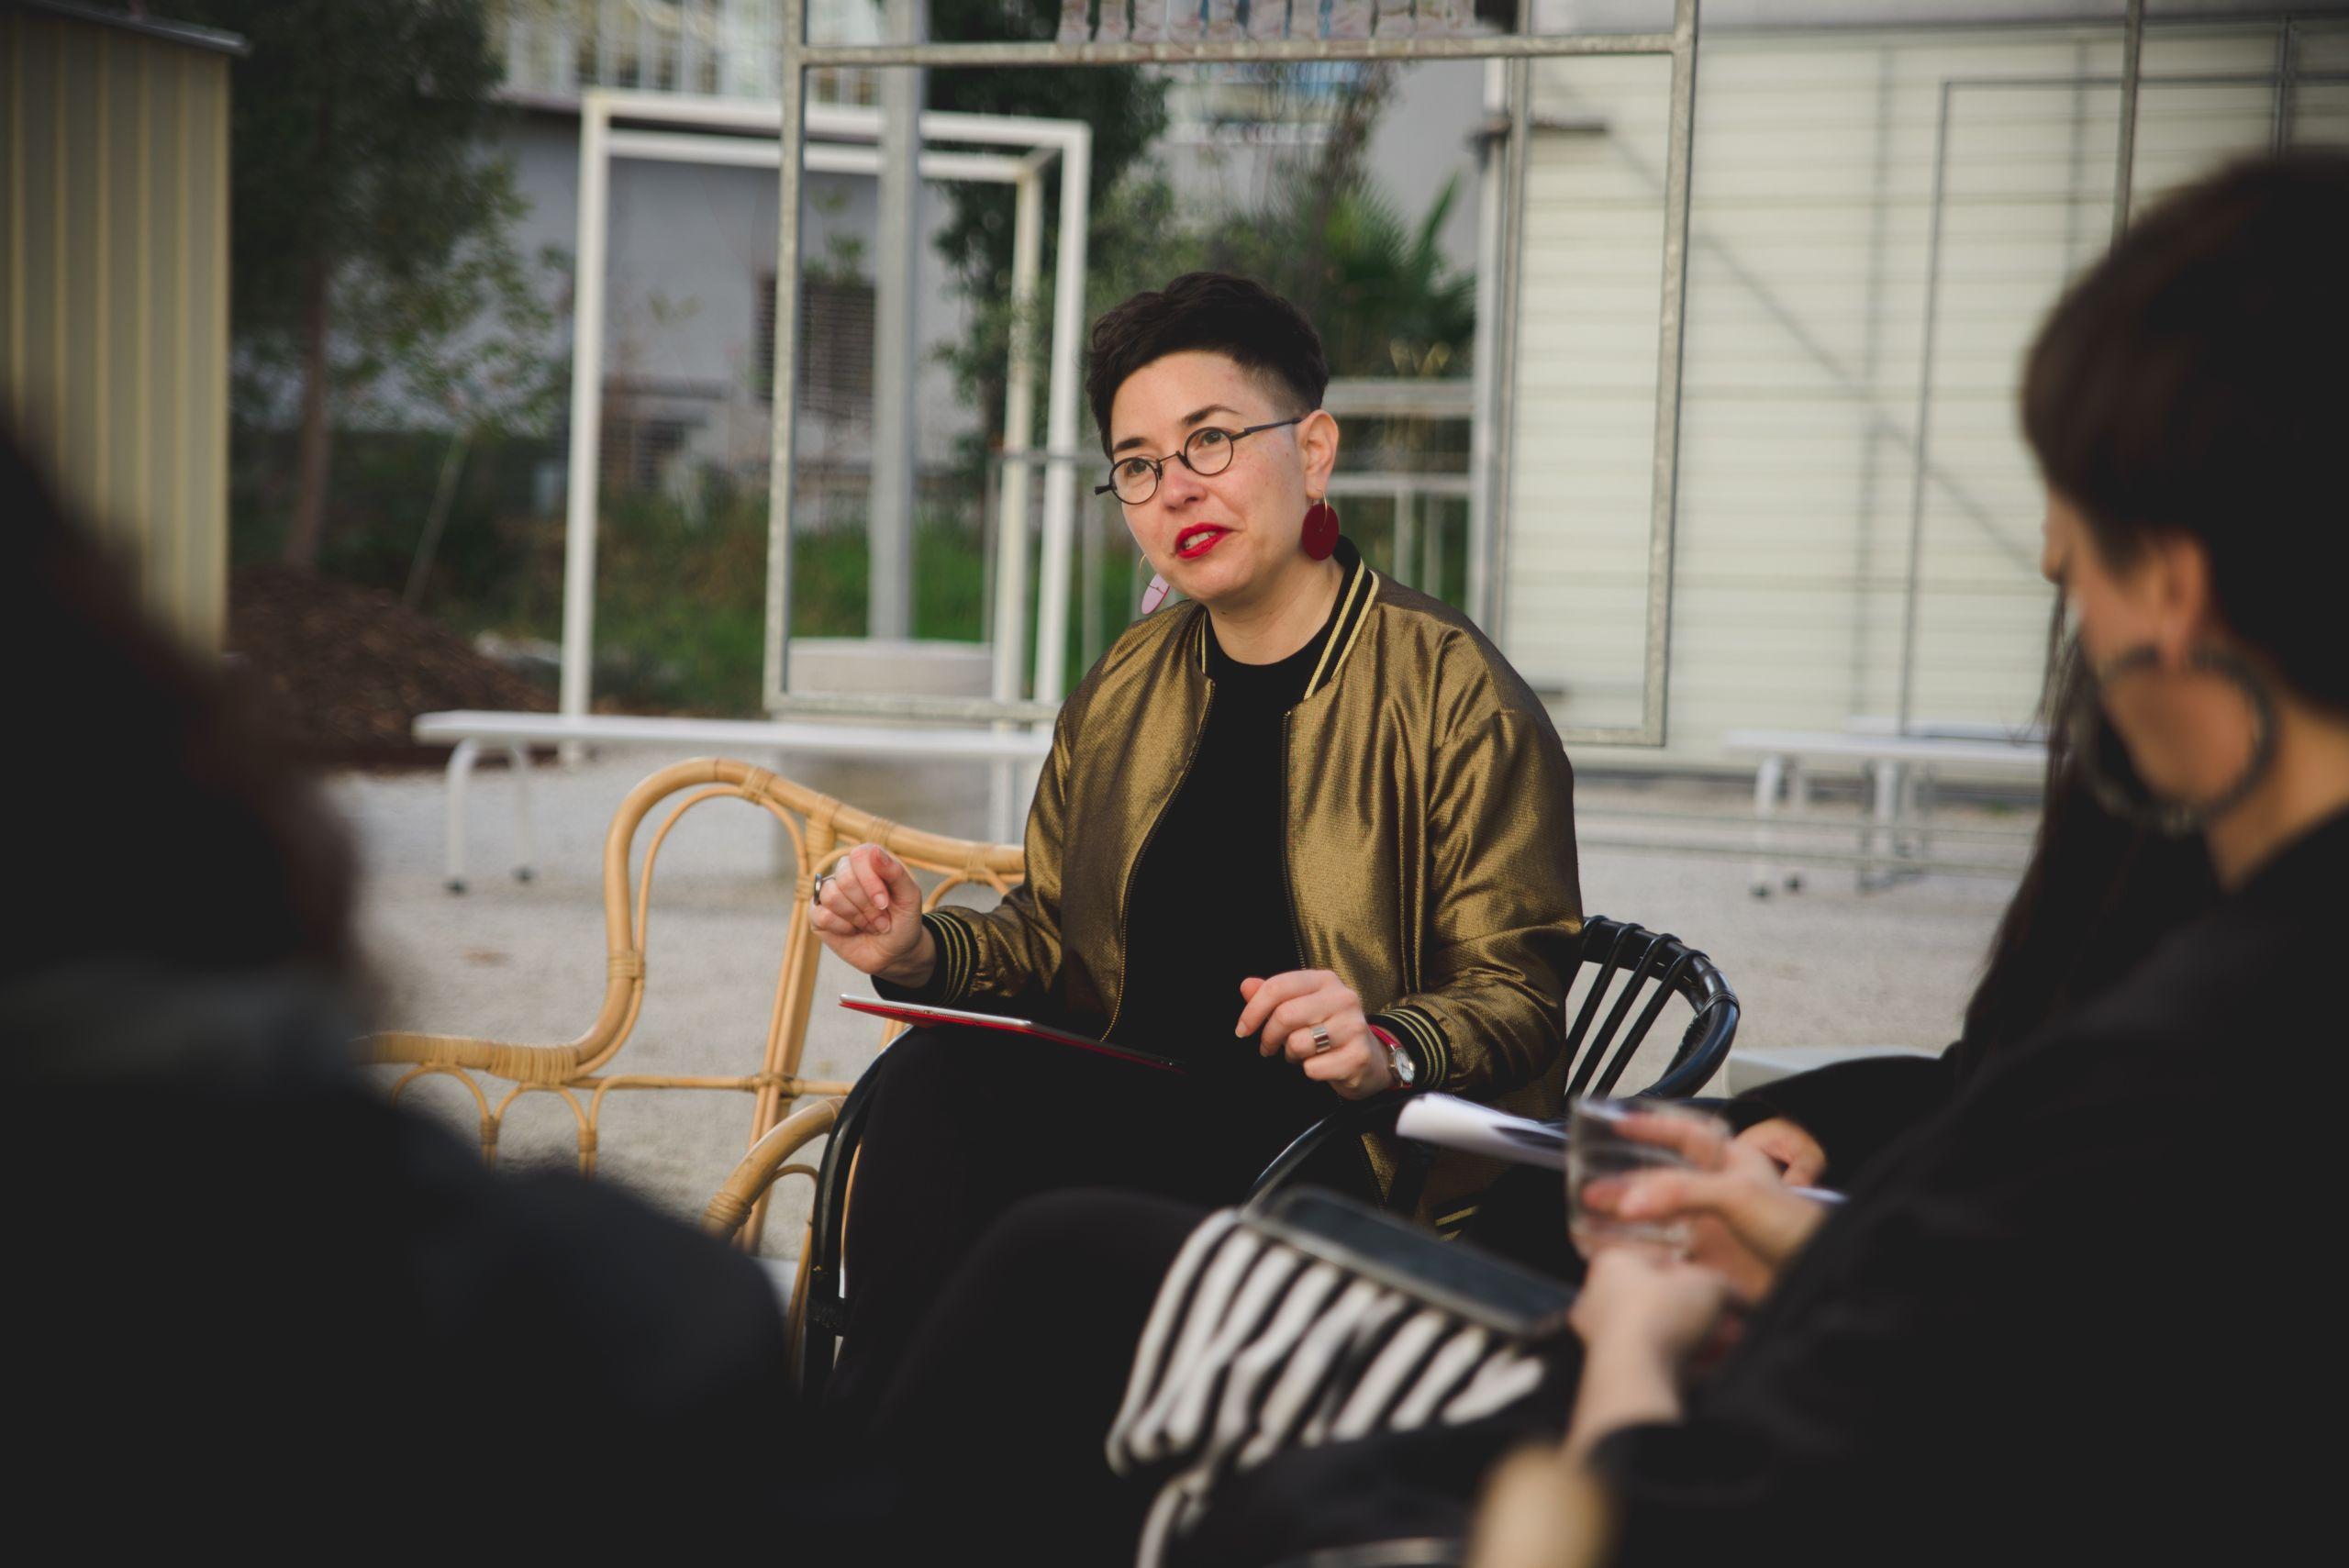 Esther Anatolitis, speaker